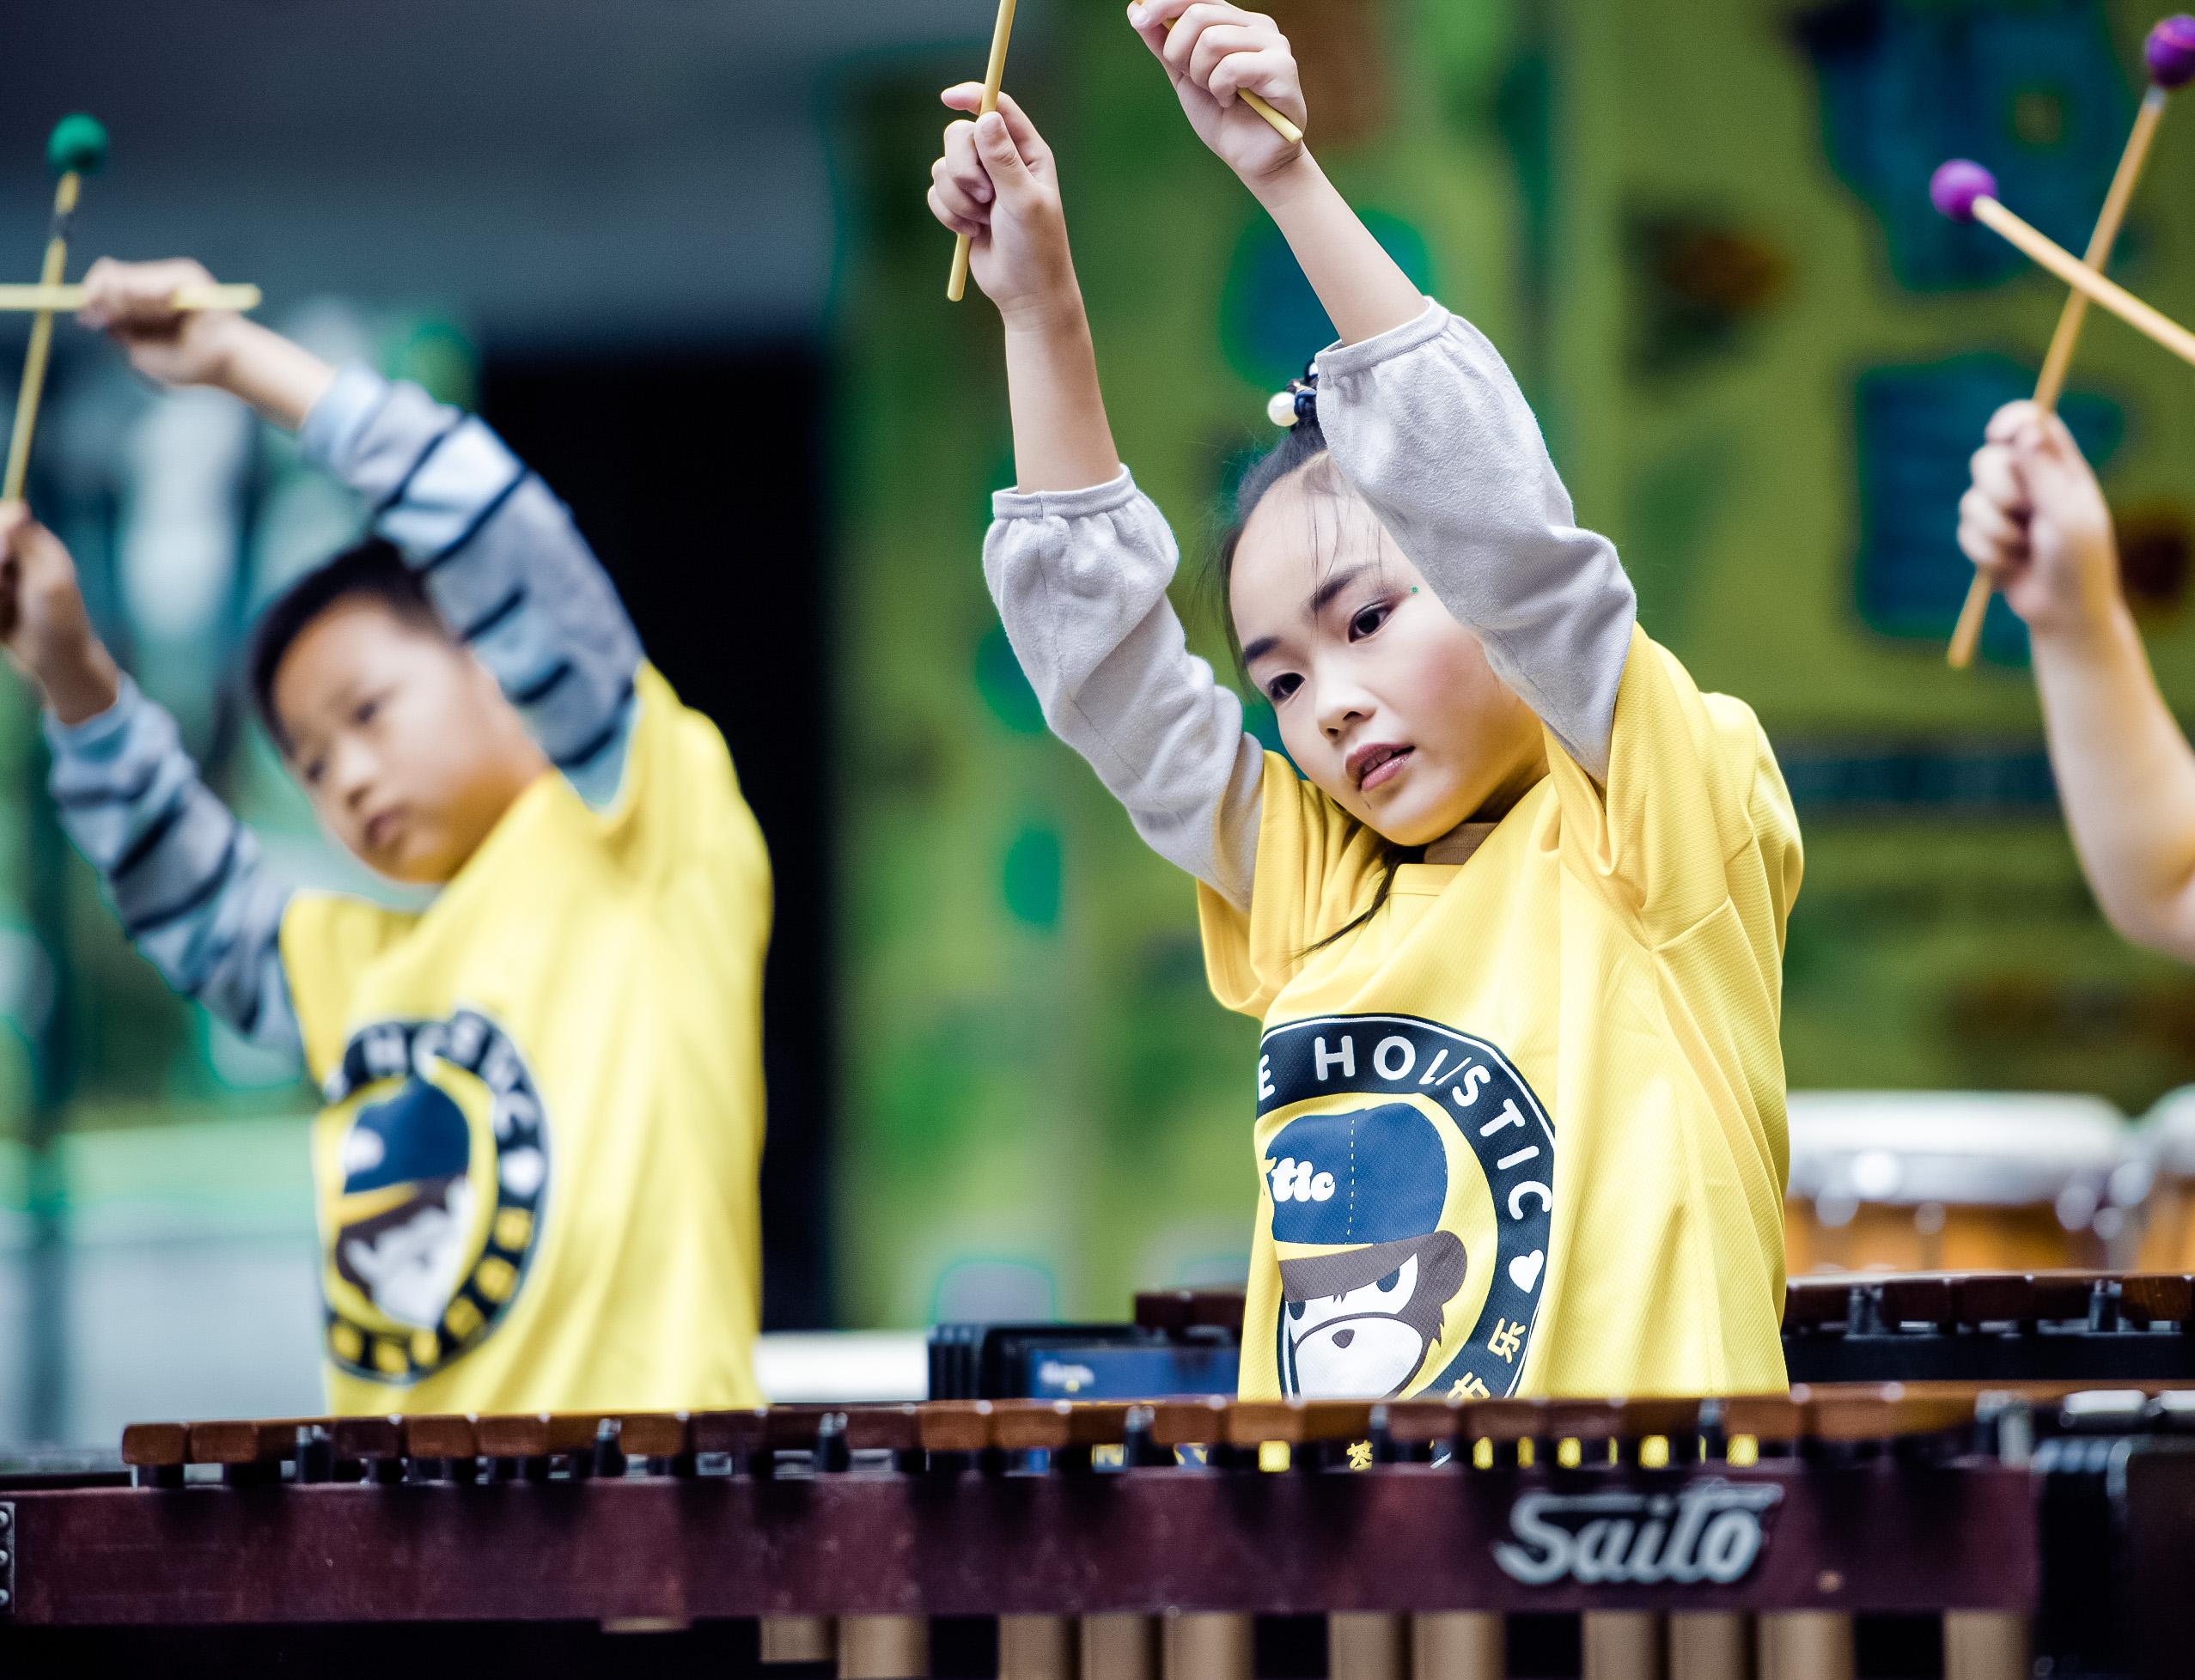 儿童学习音乐的好处